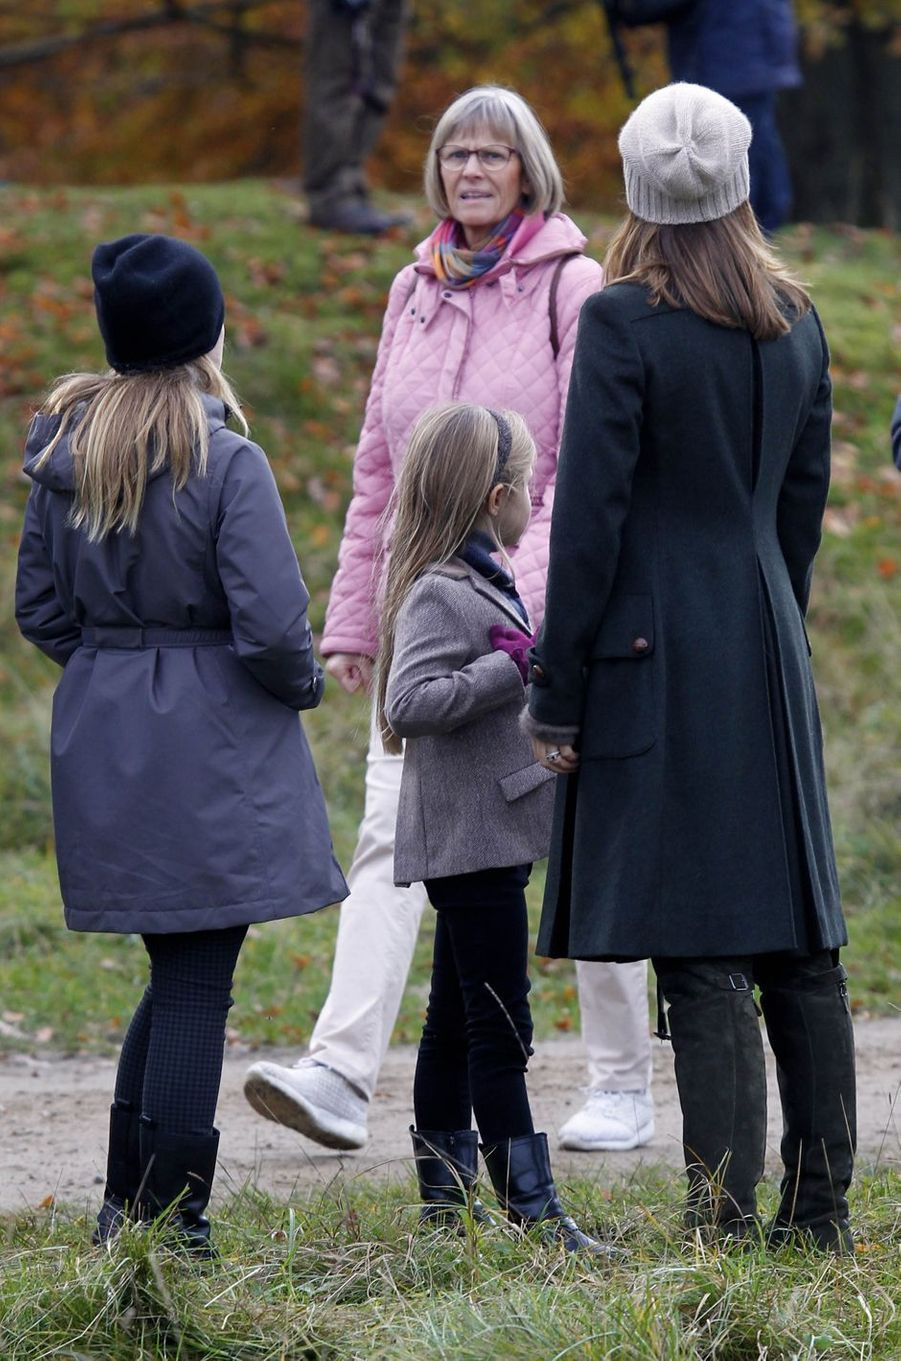 La princesse Mary de Danemark et ses filles à Klampenborg, le 5 novembre 2017